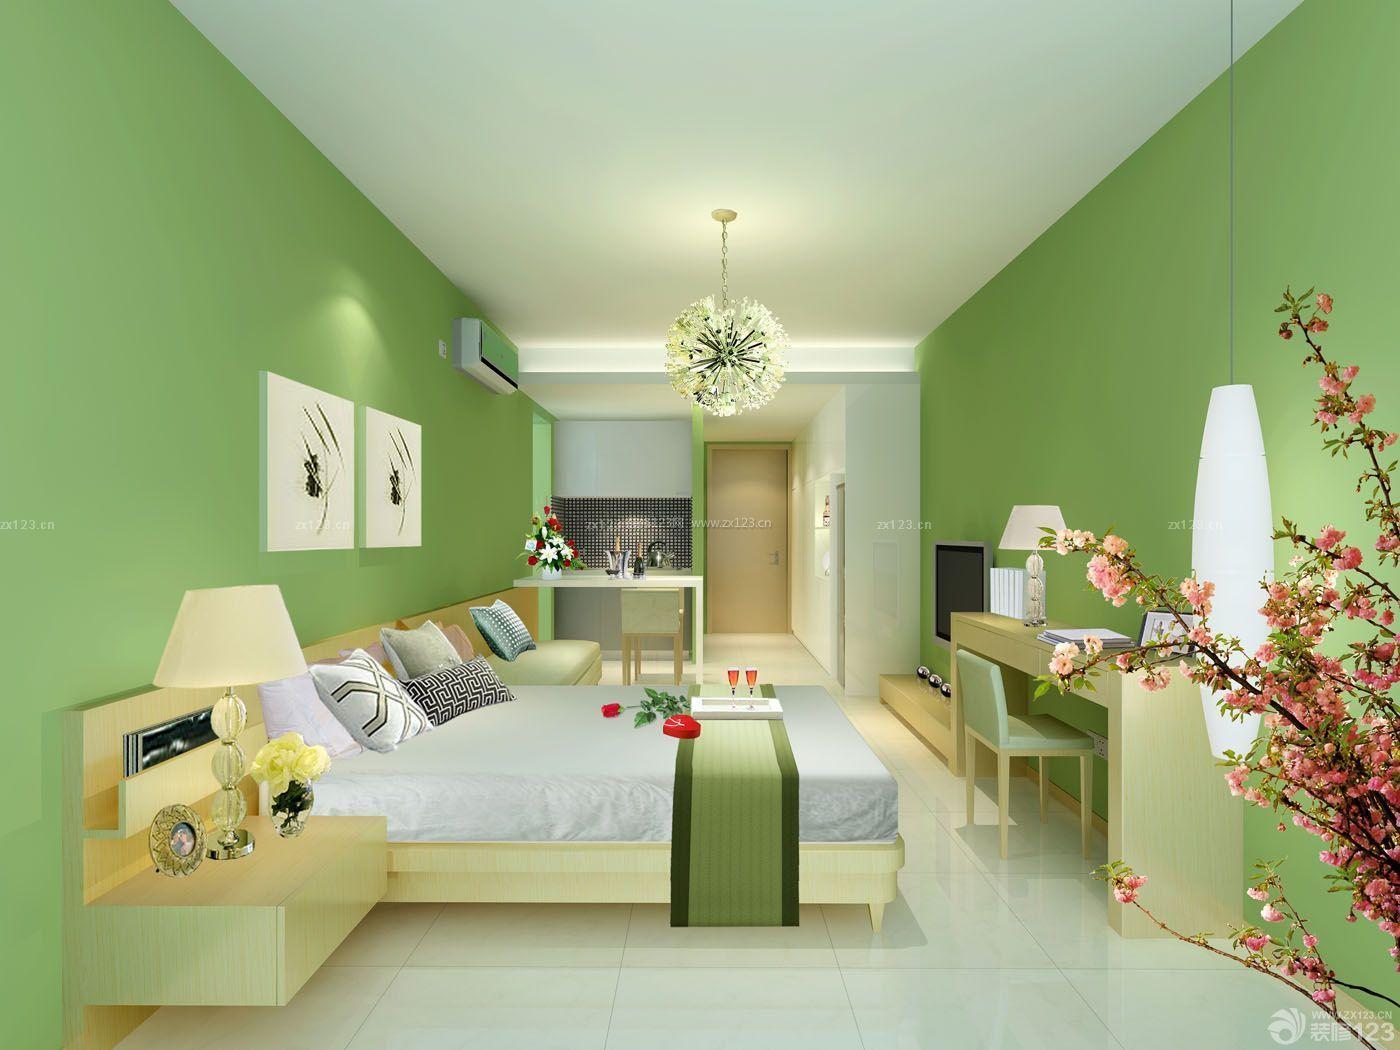 70-80平方小户型绿色墙面装修效果图图片